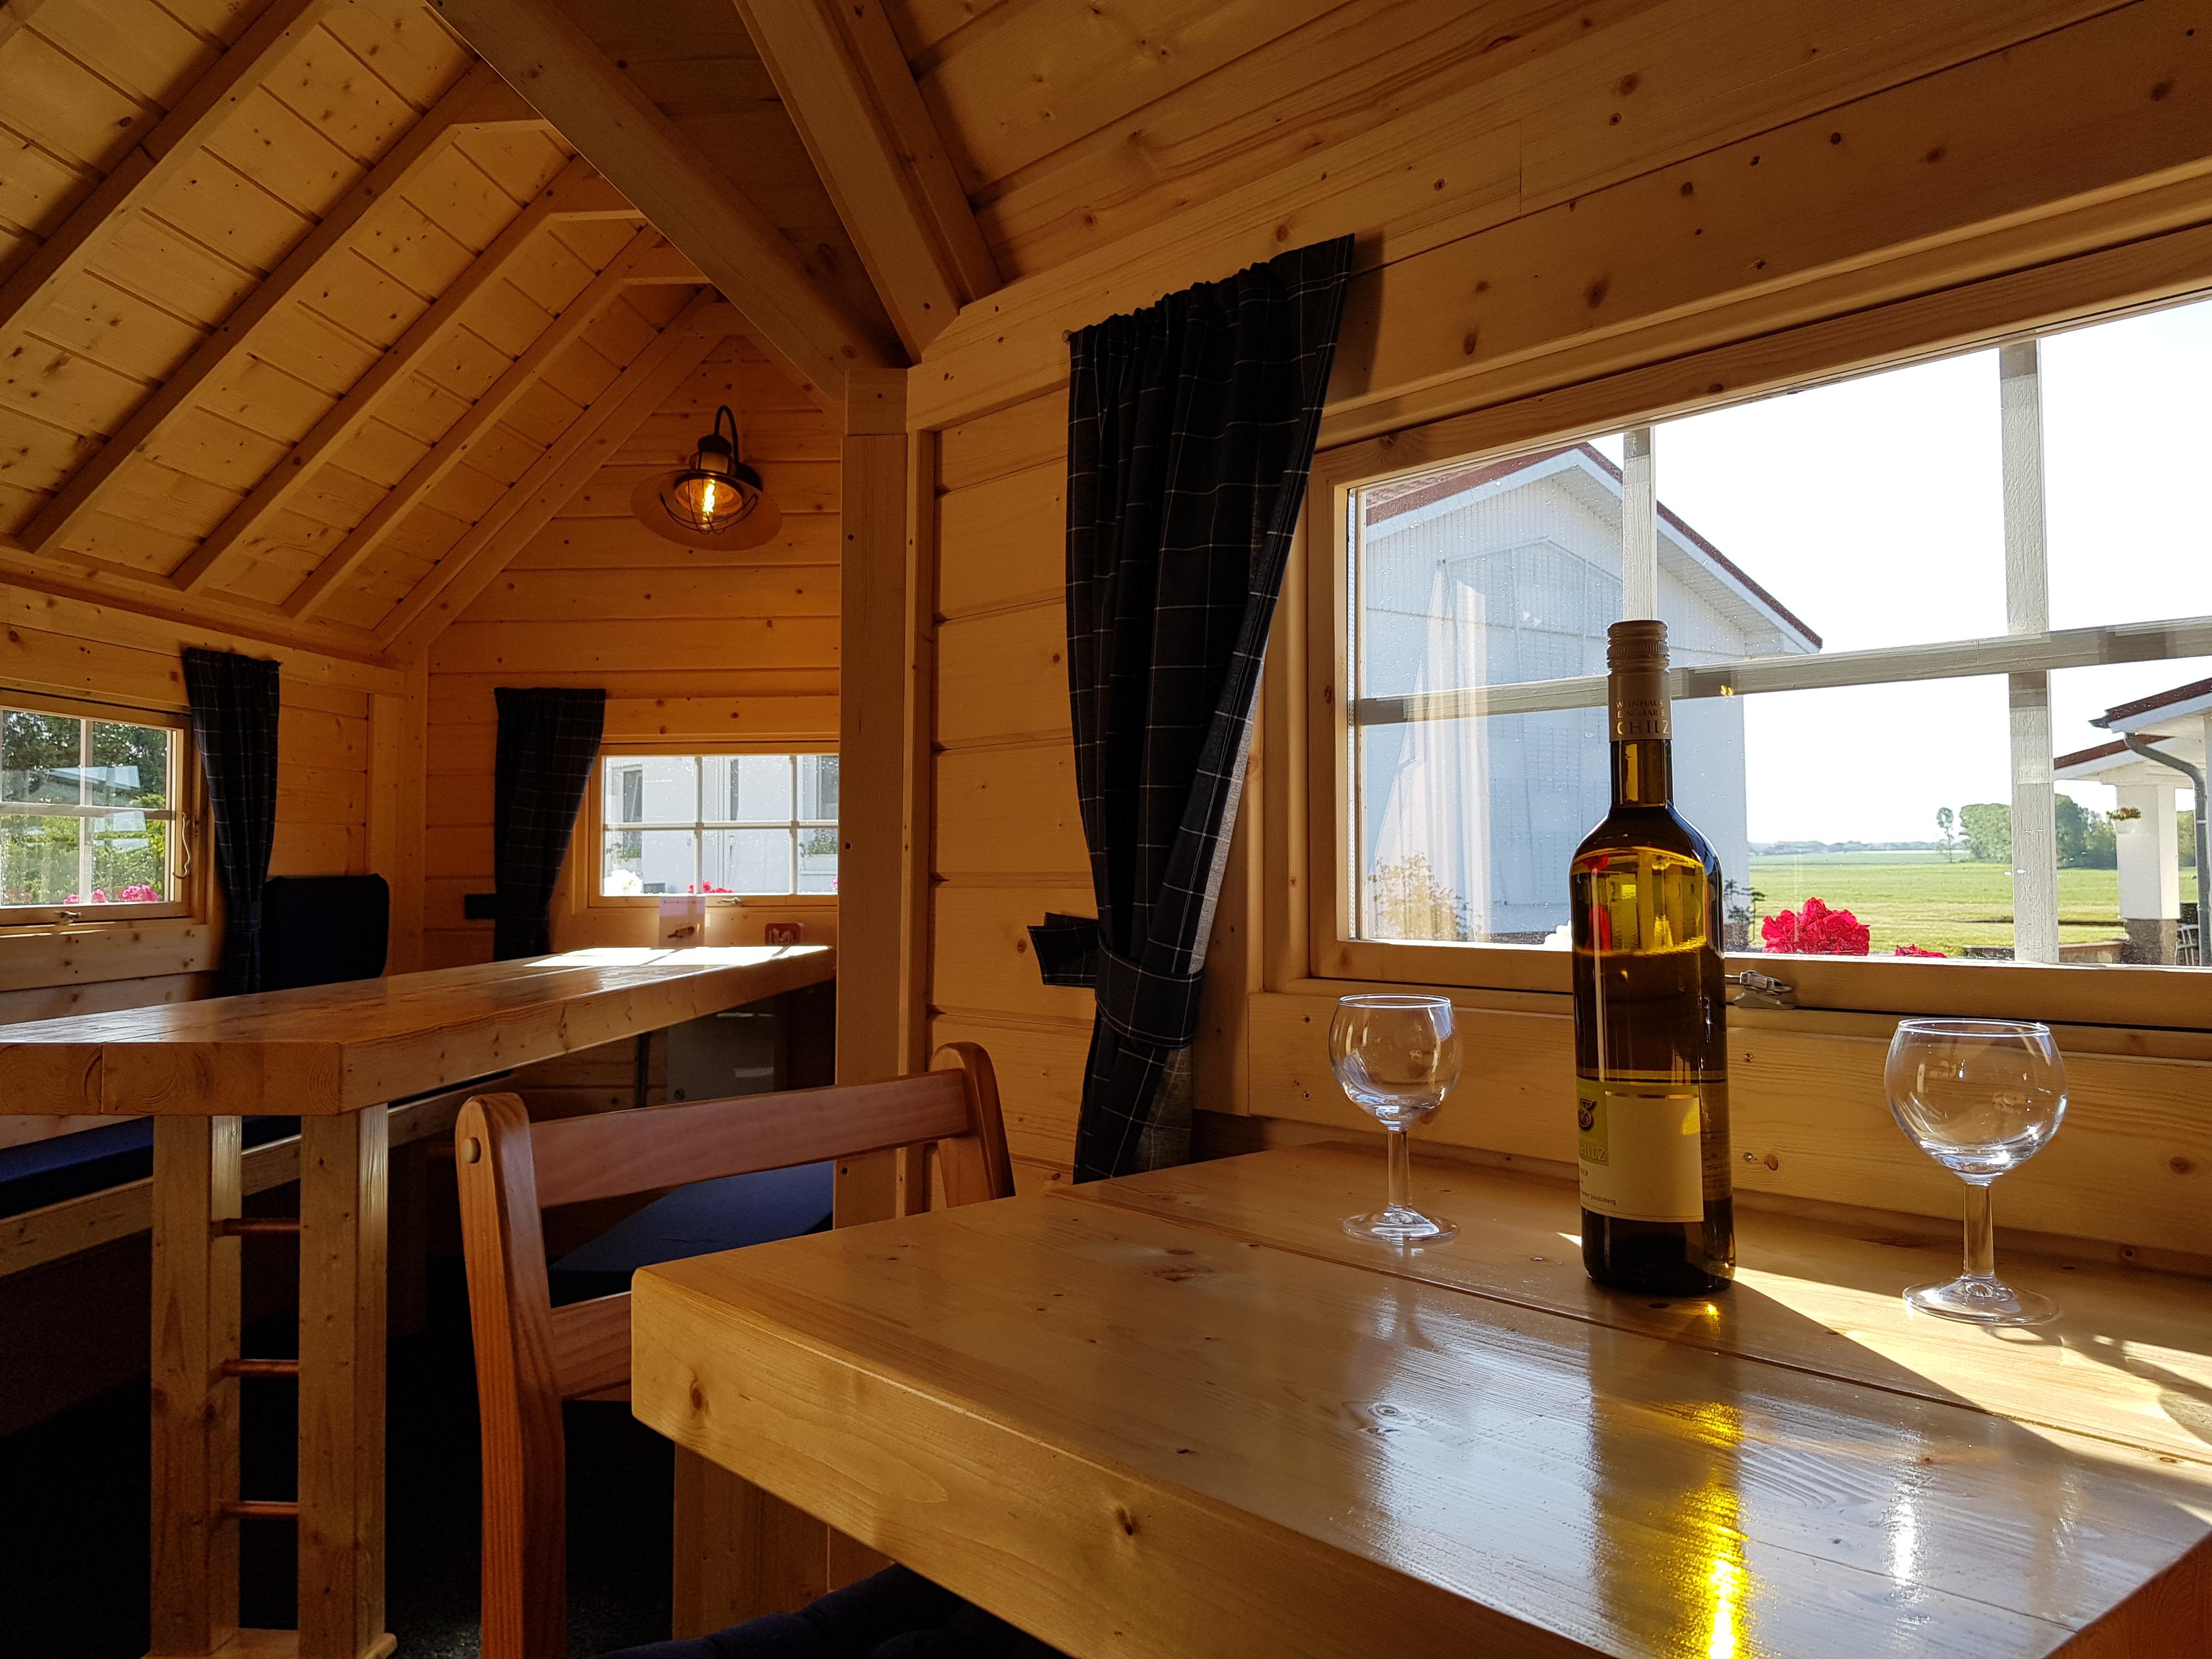 Gästehütte mit schönen Blick in die Natur